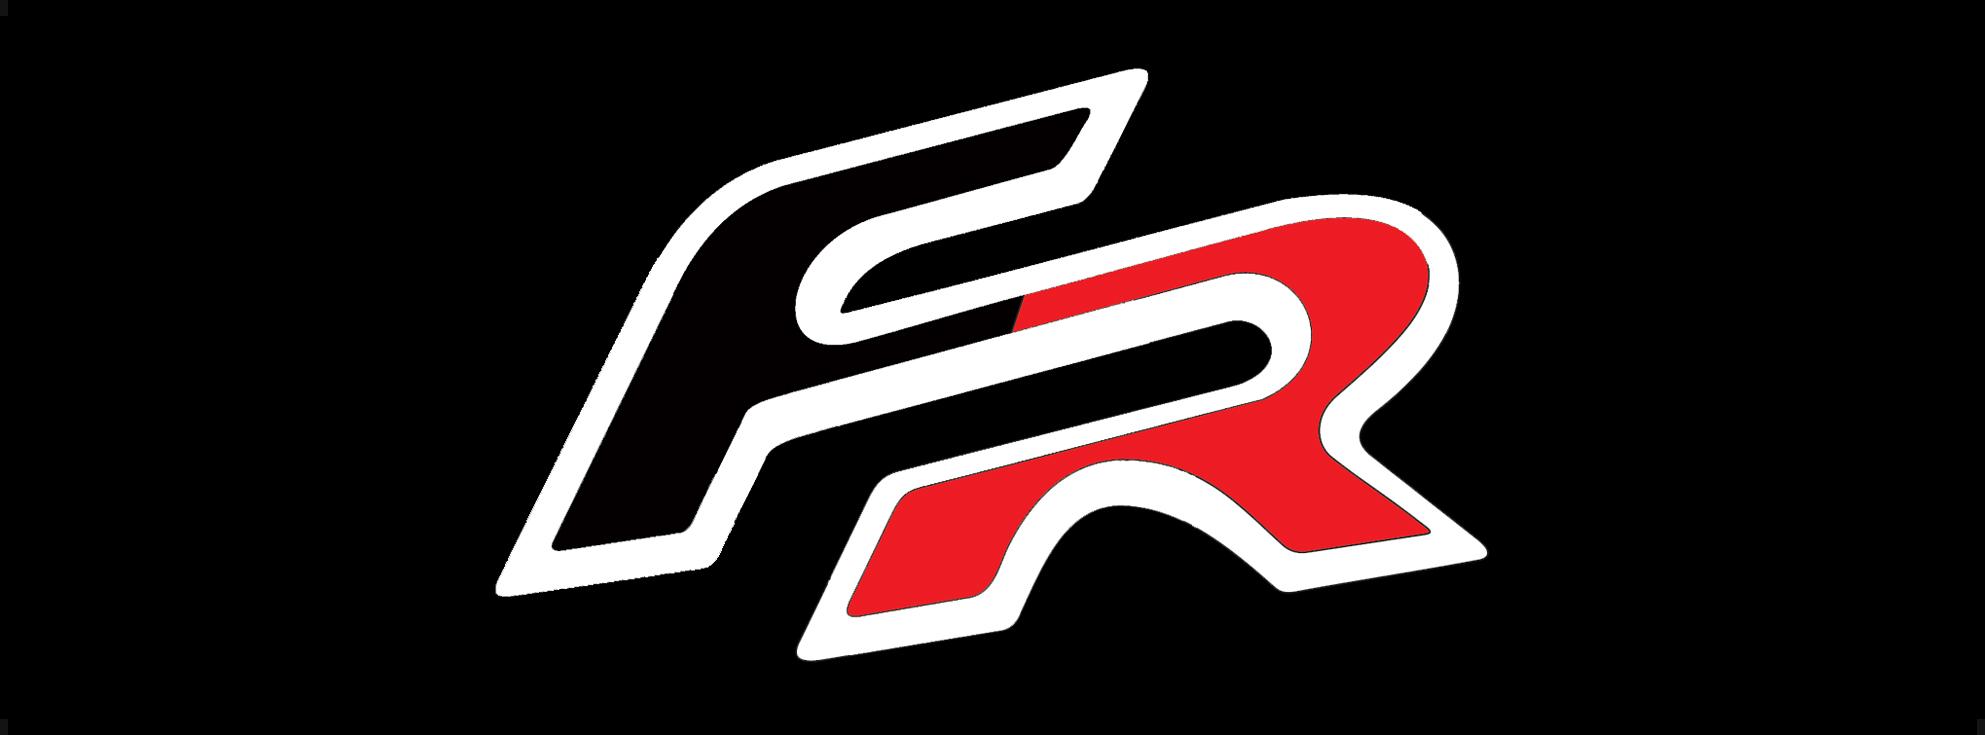 Logos For Car Mats